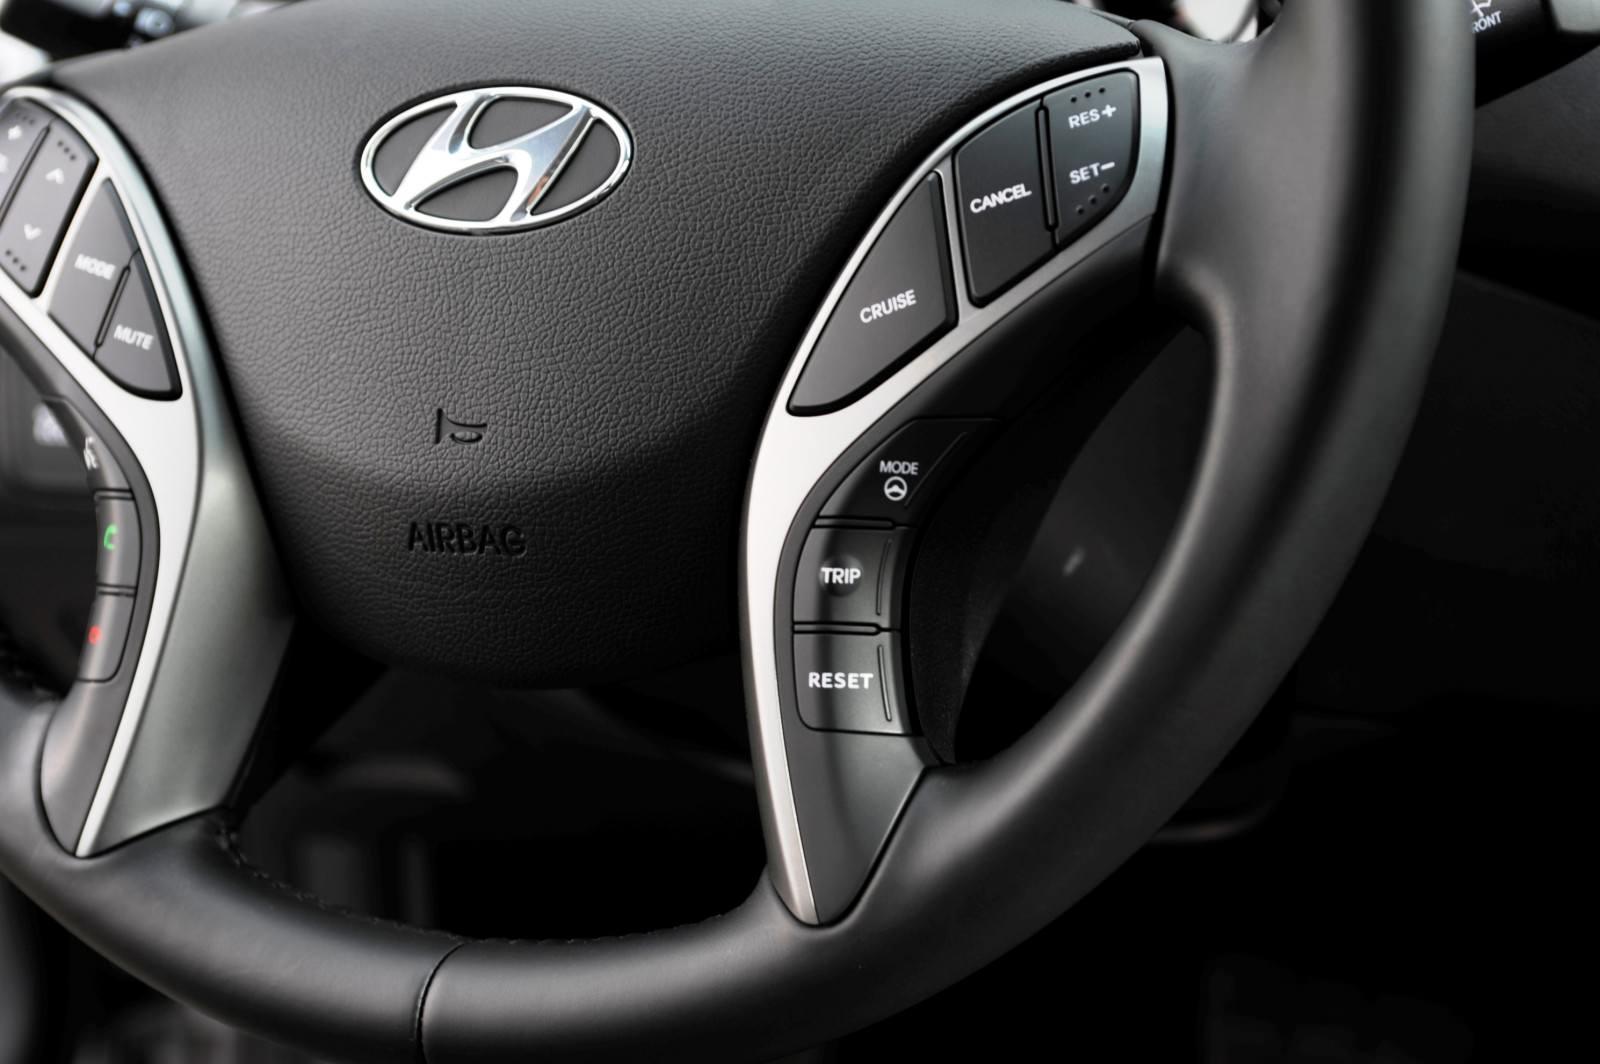 2015 Hyundai Elantra Sedan Brings Classy LED and Tech Updates  25